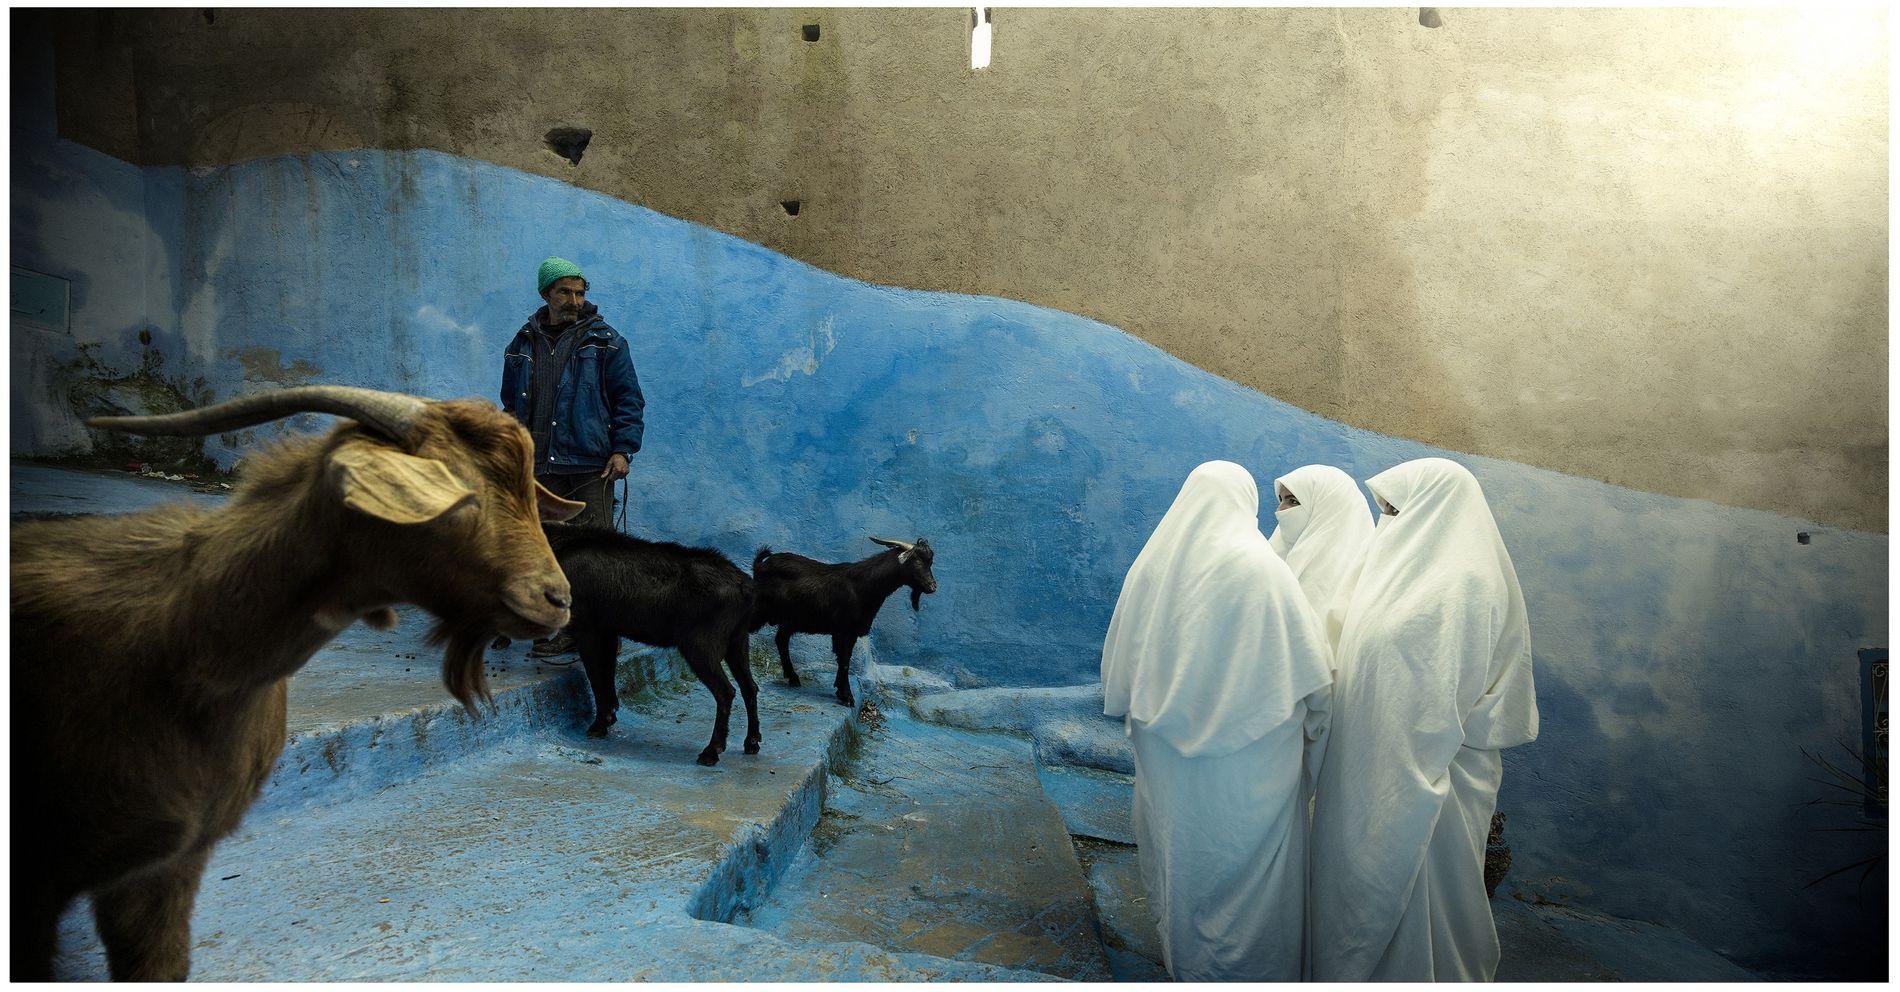 Rencontre d'un autre temps dans les ruelles de Chefchaouen, la cité bleue. Lestrois femmes portent ici l'haïk, vêtement traditionnel maghrébin principalement répandu en Algérie. Cettemythique tenue vestimentaire est aujourd'hui en voie de disparition.